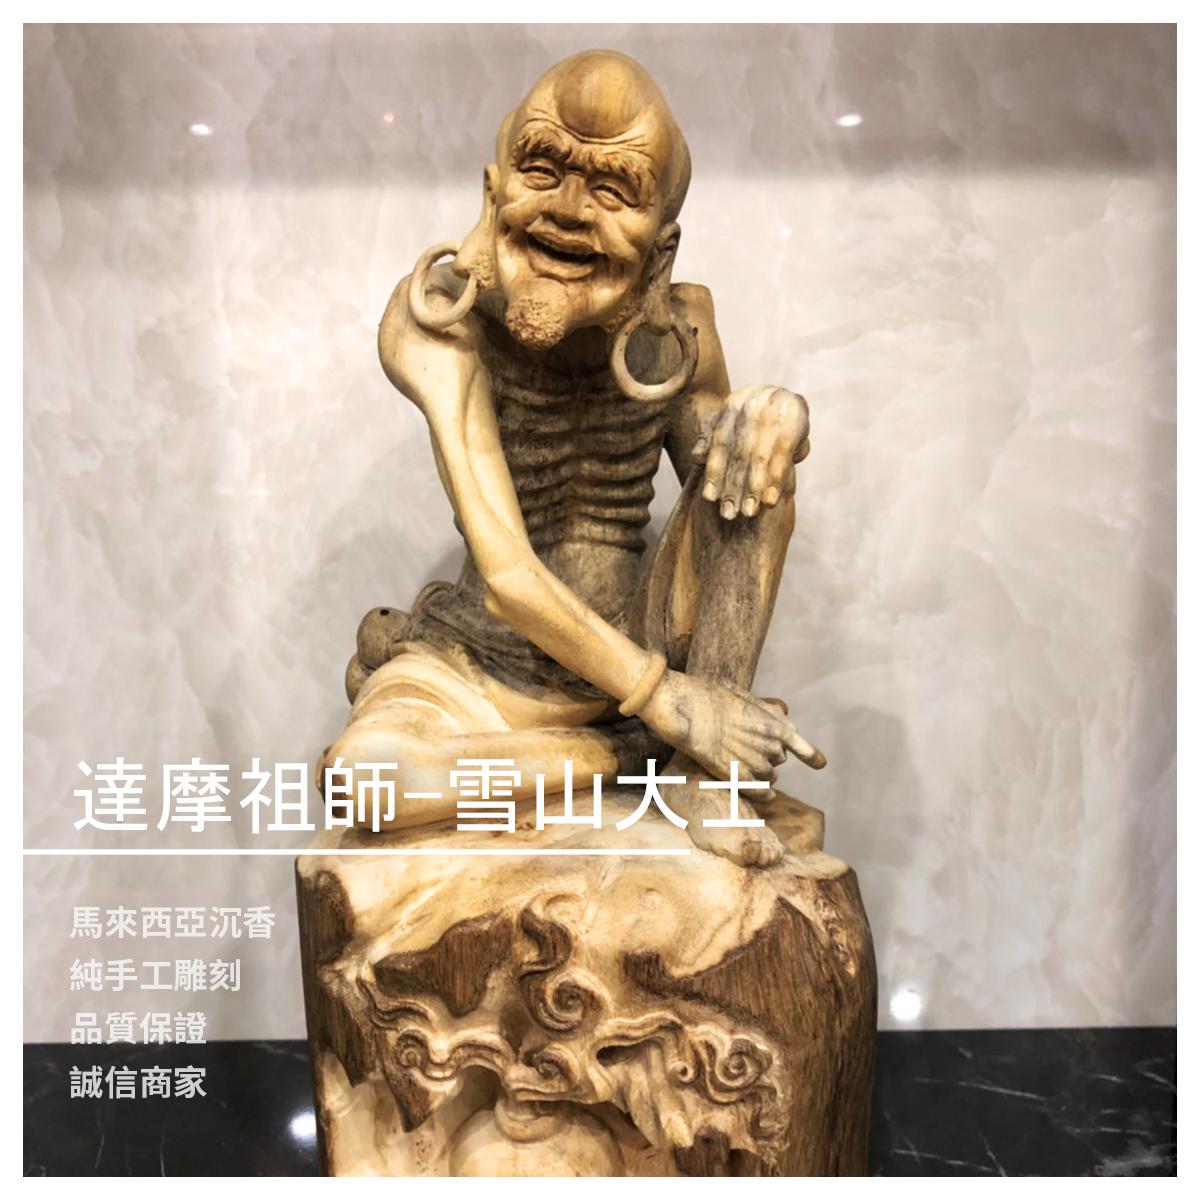 【合億沉香】沉香雕刻達摩祖師-雪山大士/尊